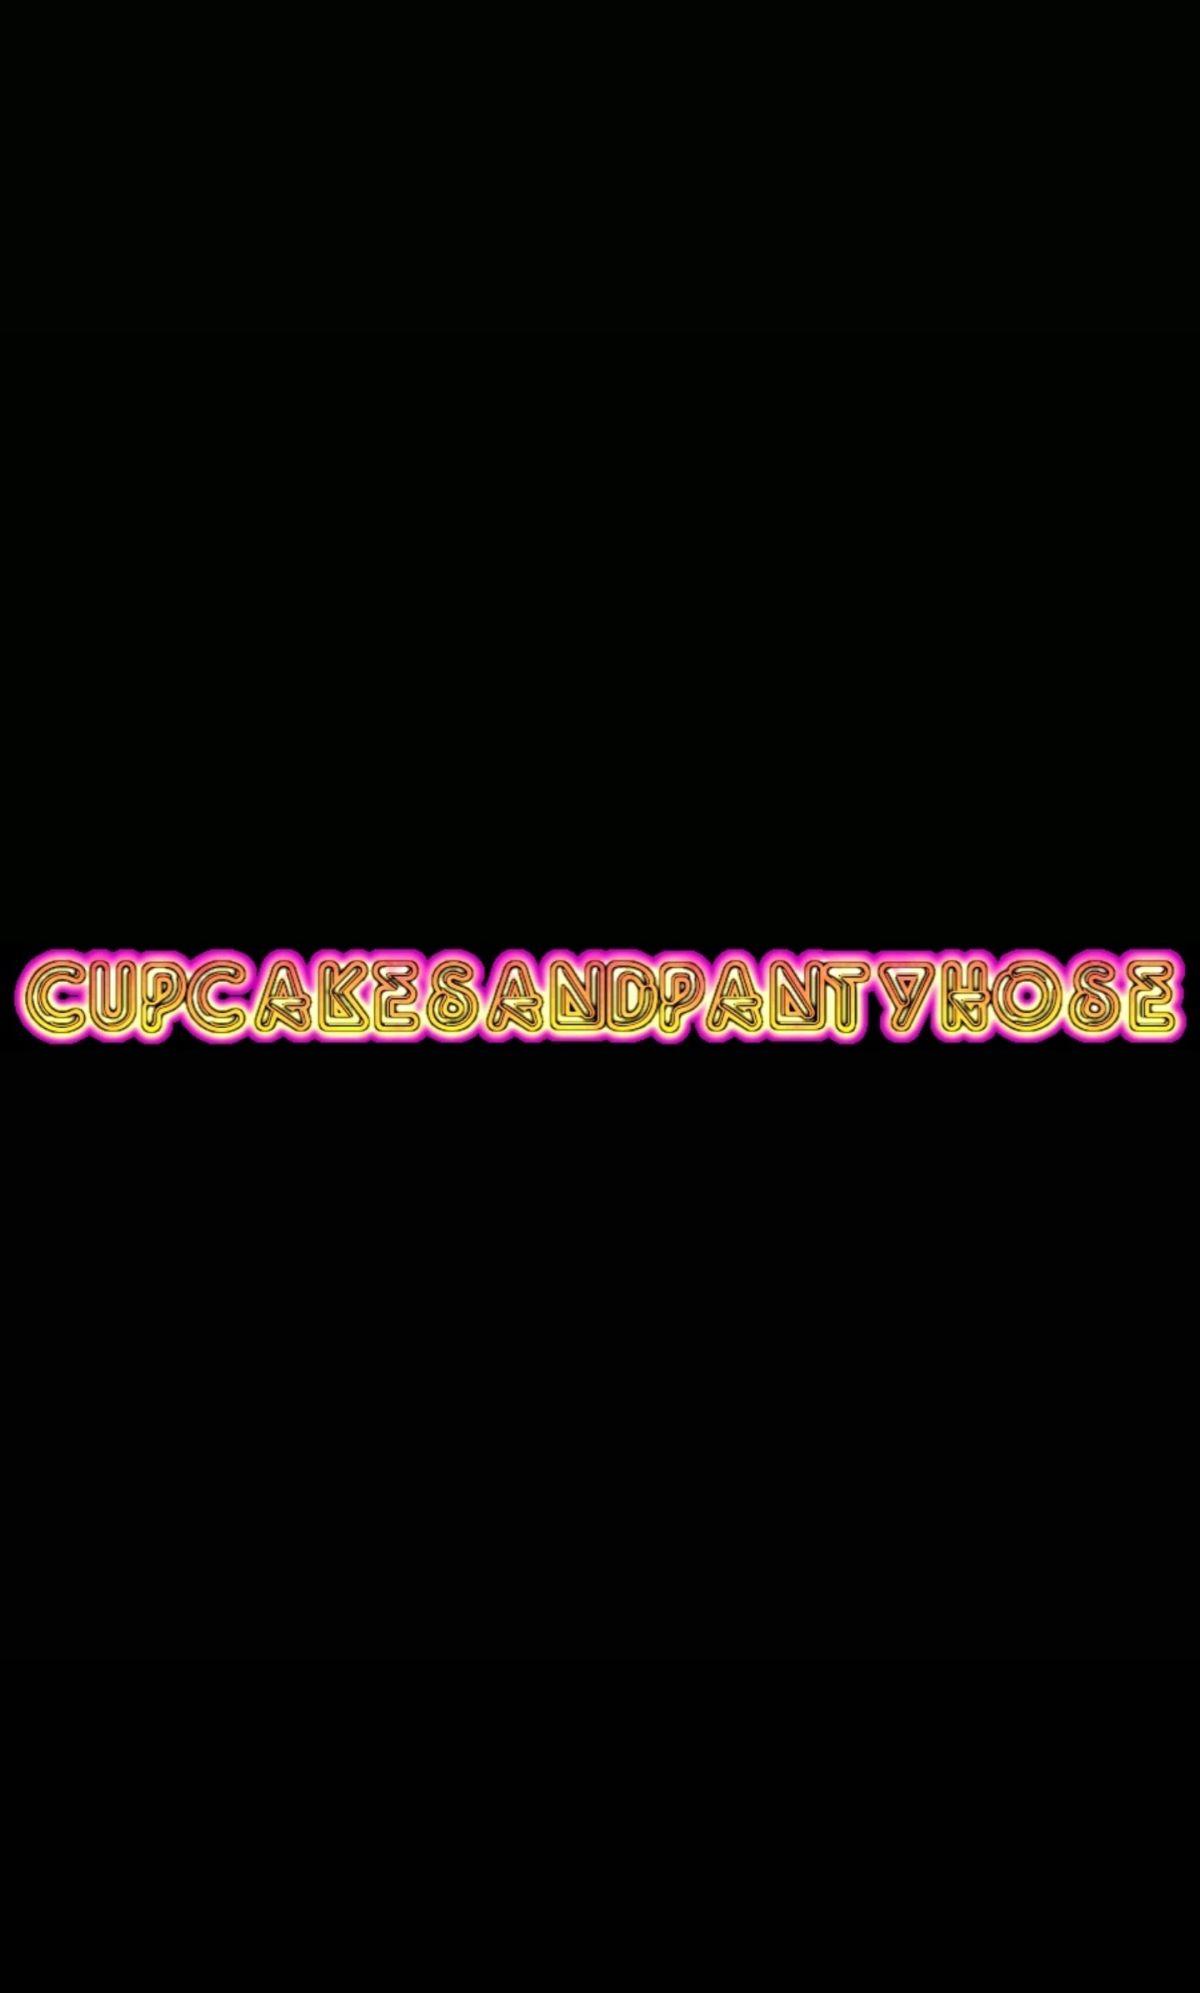 @cupcakesandpantyhose